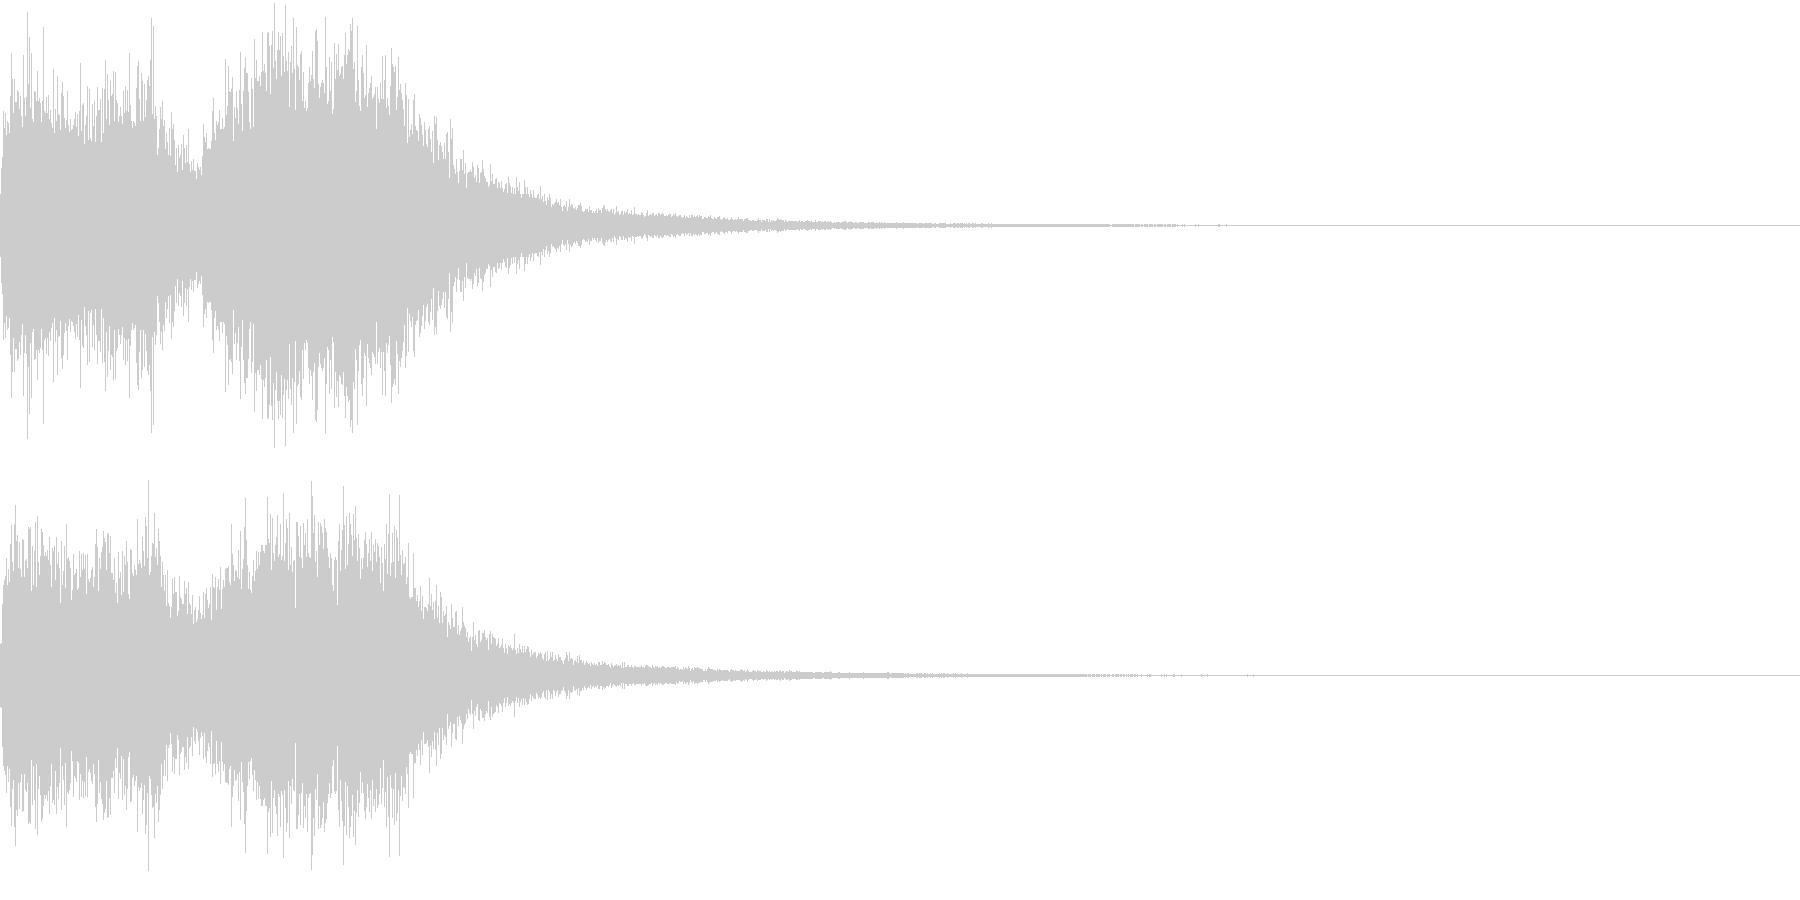 ファンファーレ オーケストラ 豪華 3の未再生の波形